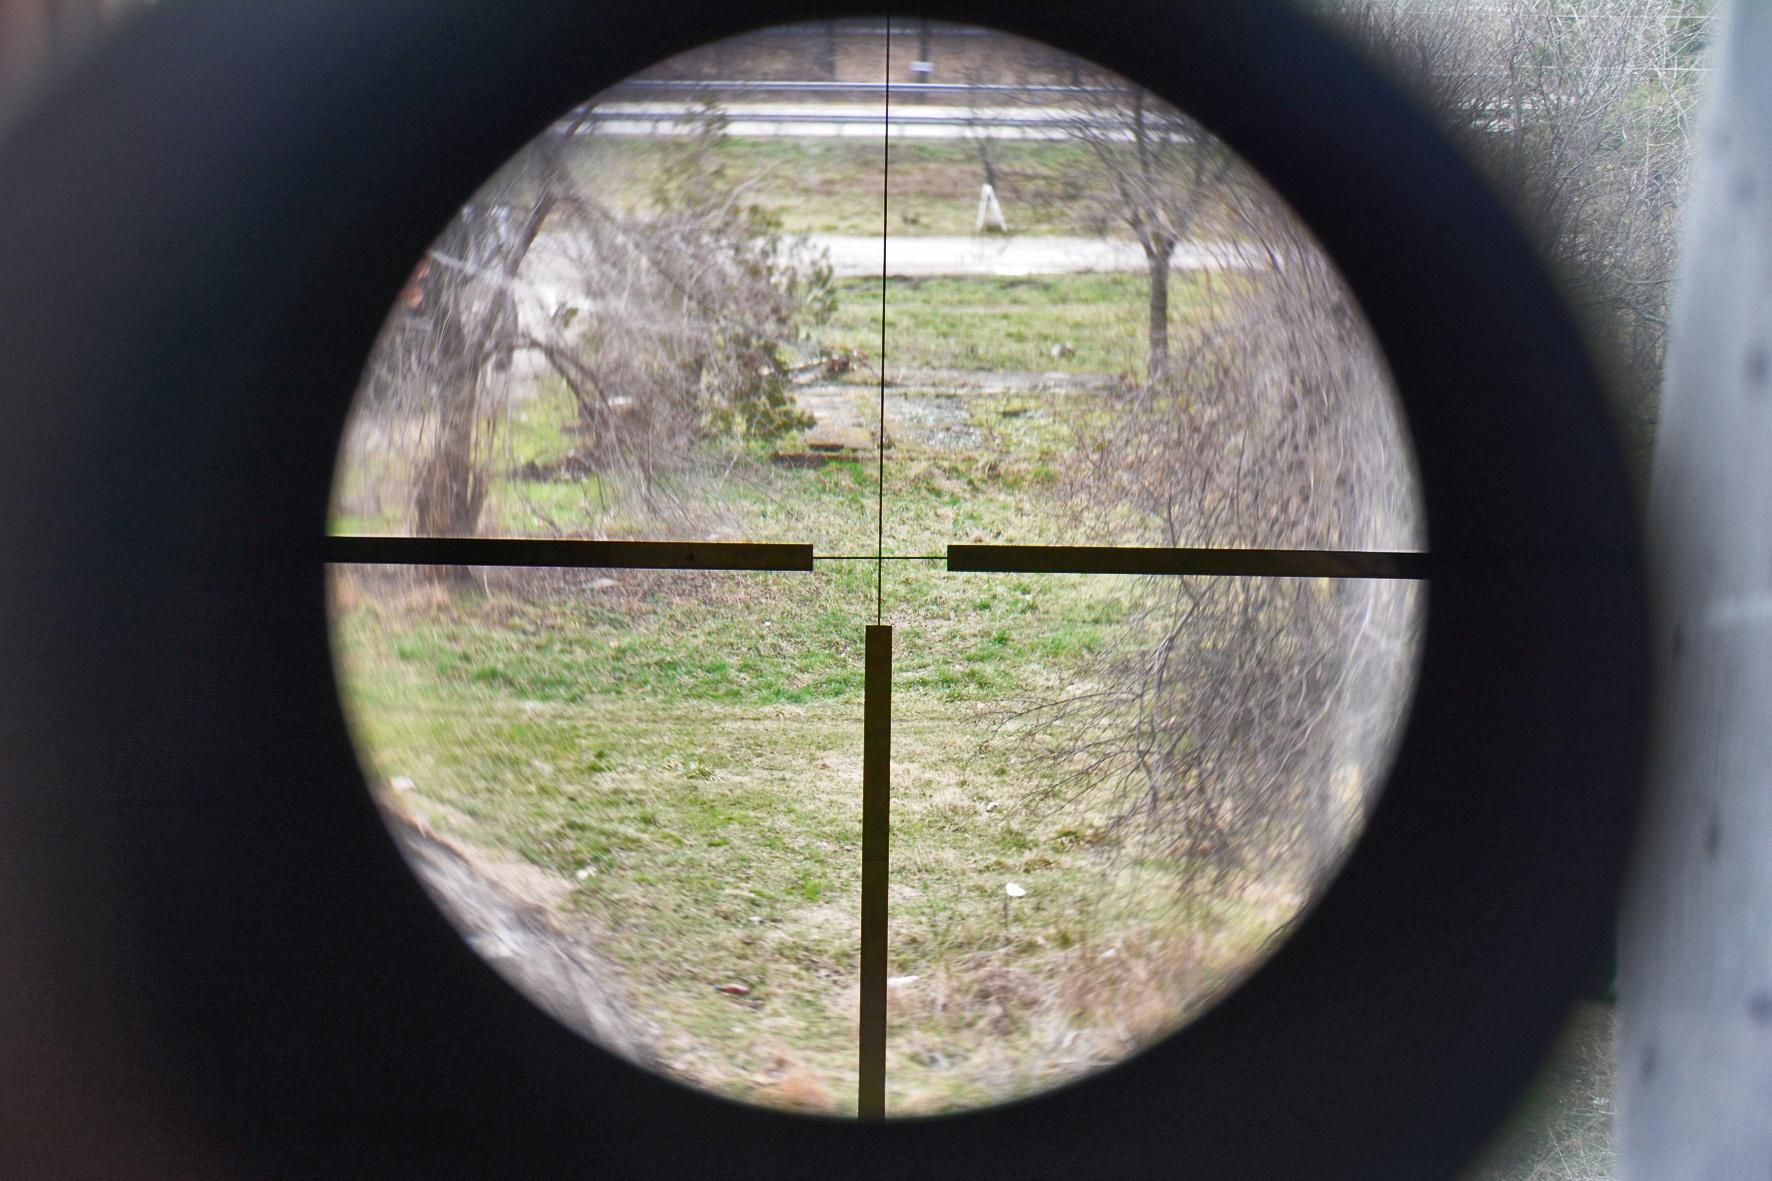 картинки снайперки в прицеле целью привлечения